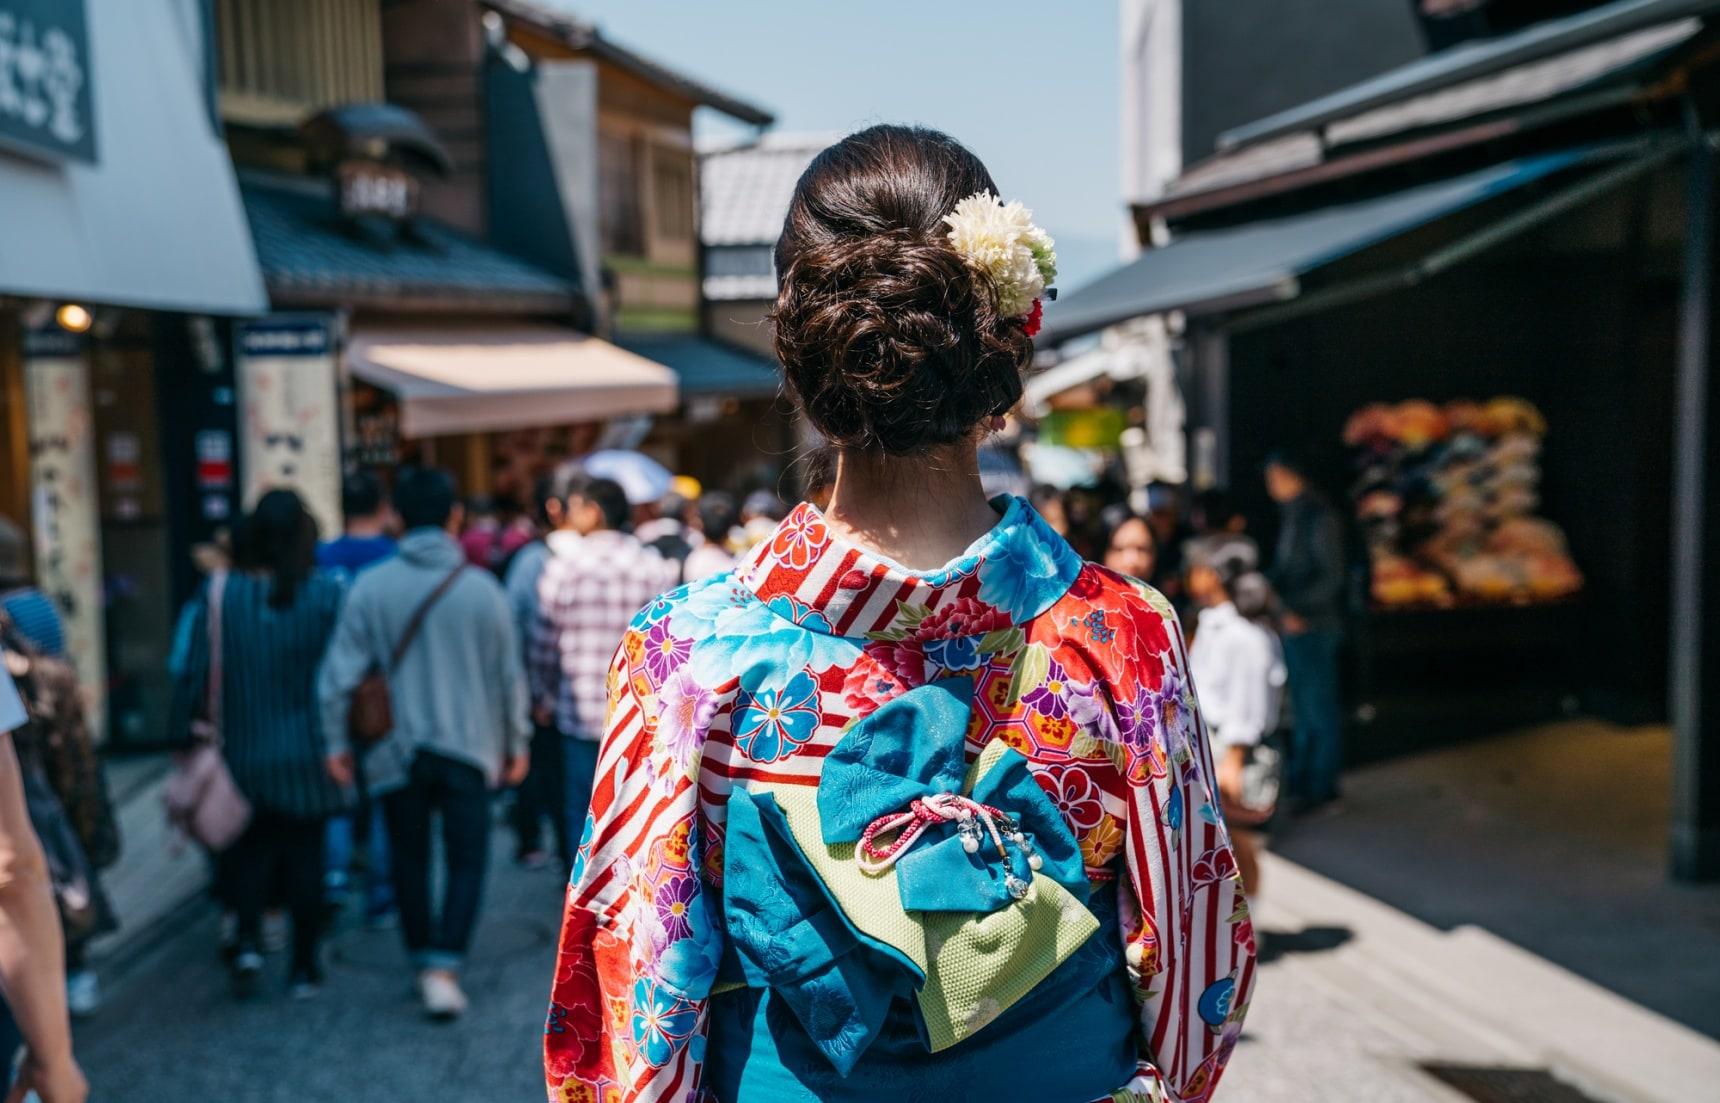 深度日本:小众且体验感绝佳!调查问卷结果公开:大家推荐的日本旅行景点/项目是?